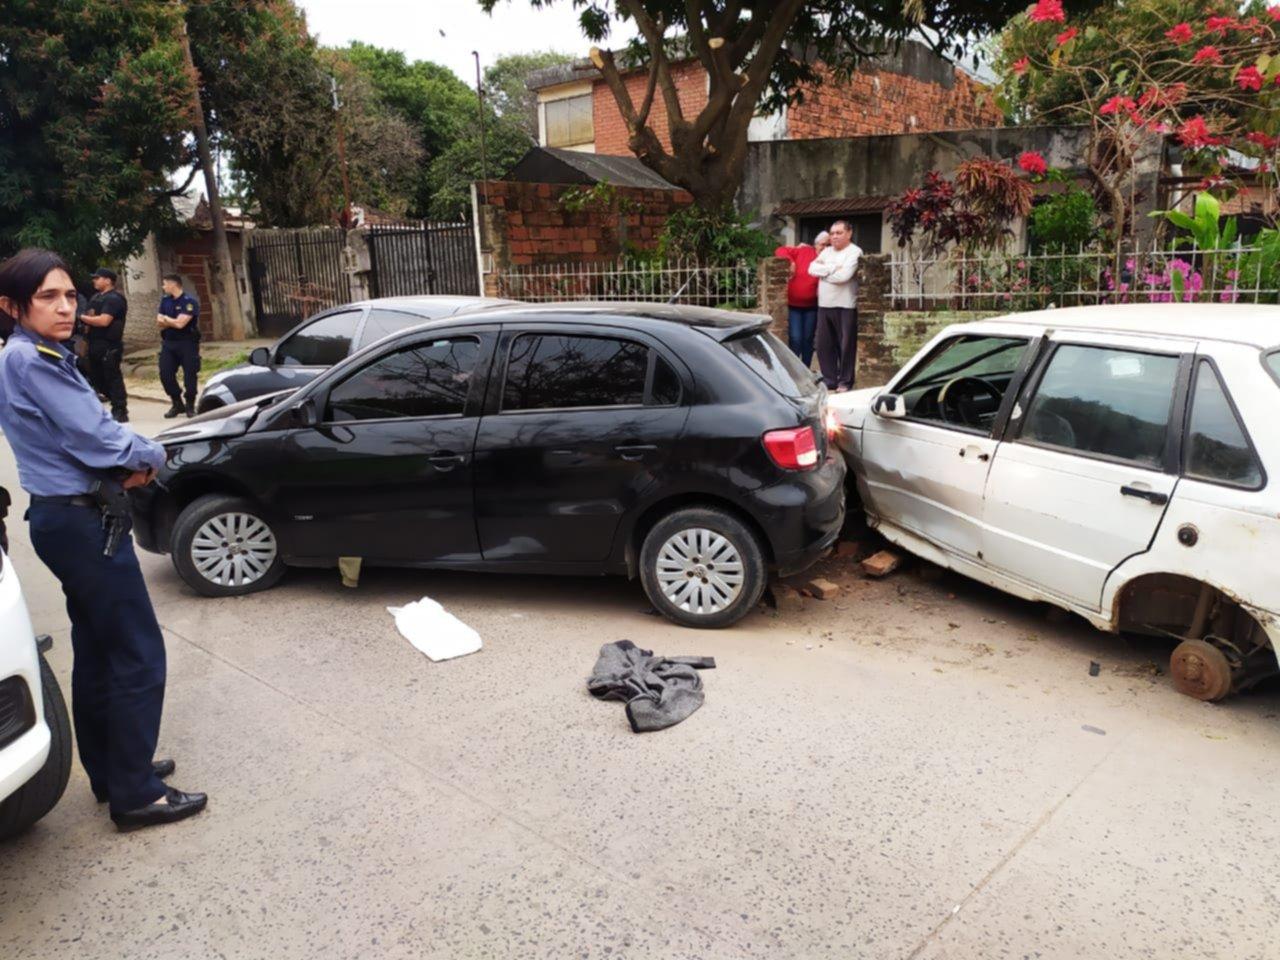 <p>Muerte. Jorge Vargas fue asesinado en un operativo policial. Conducía un Volkswagen Gol.</p>